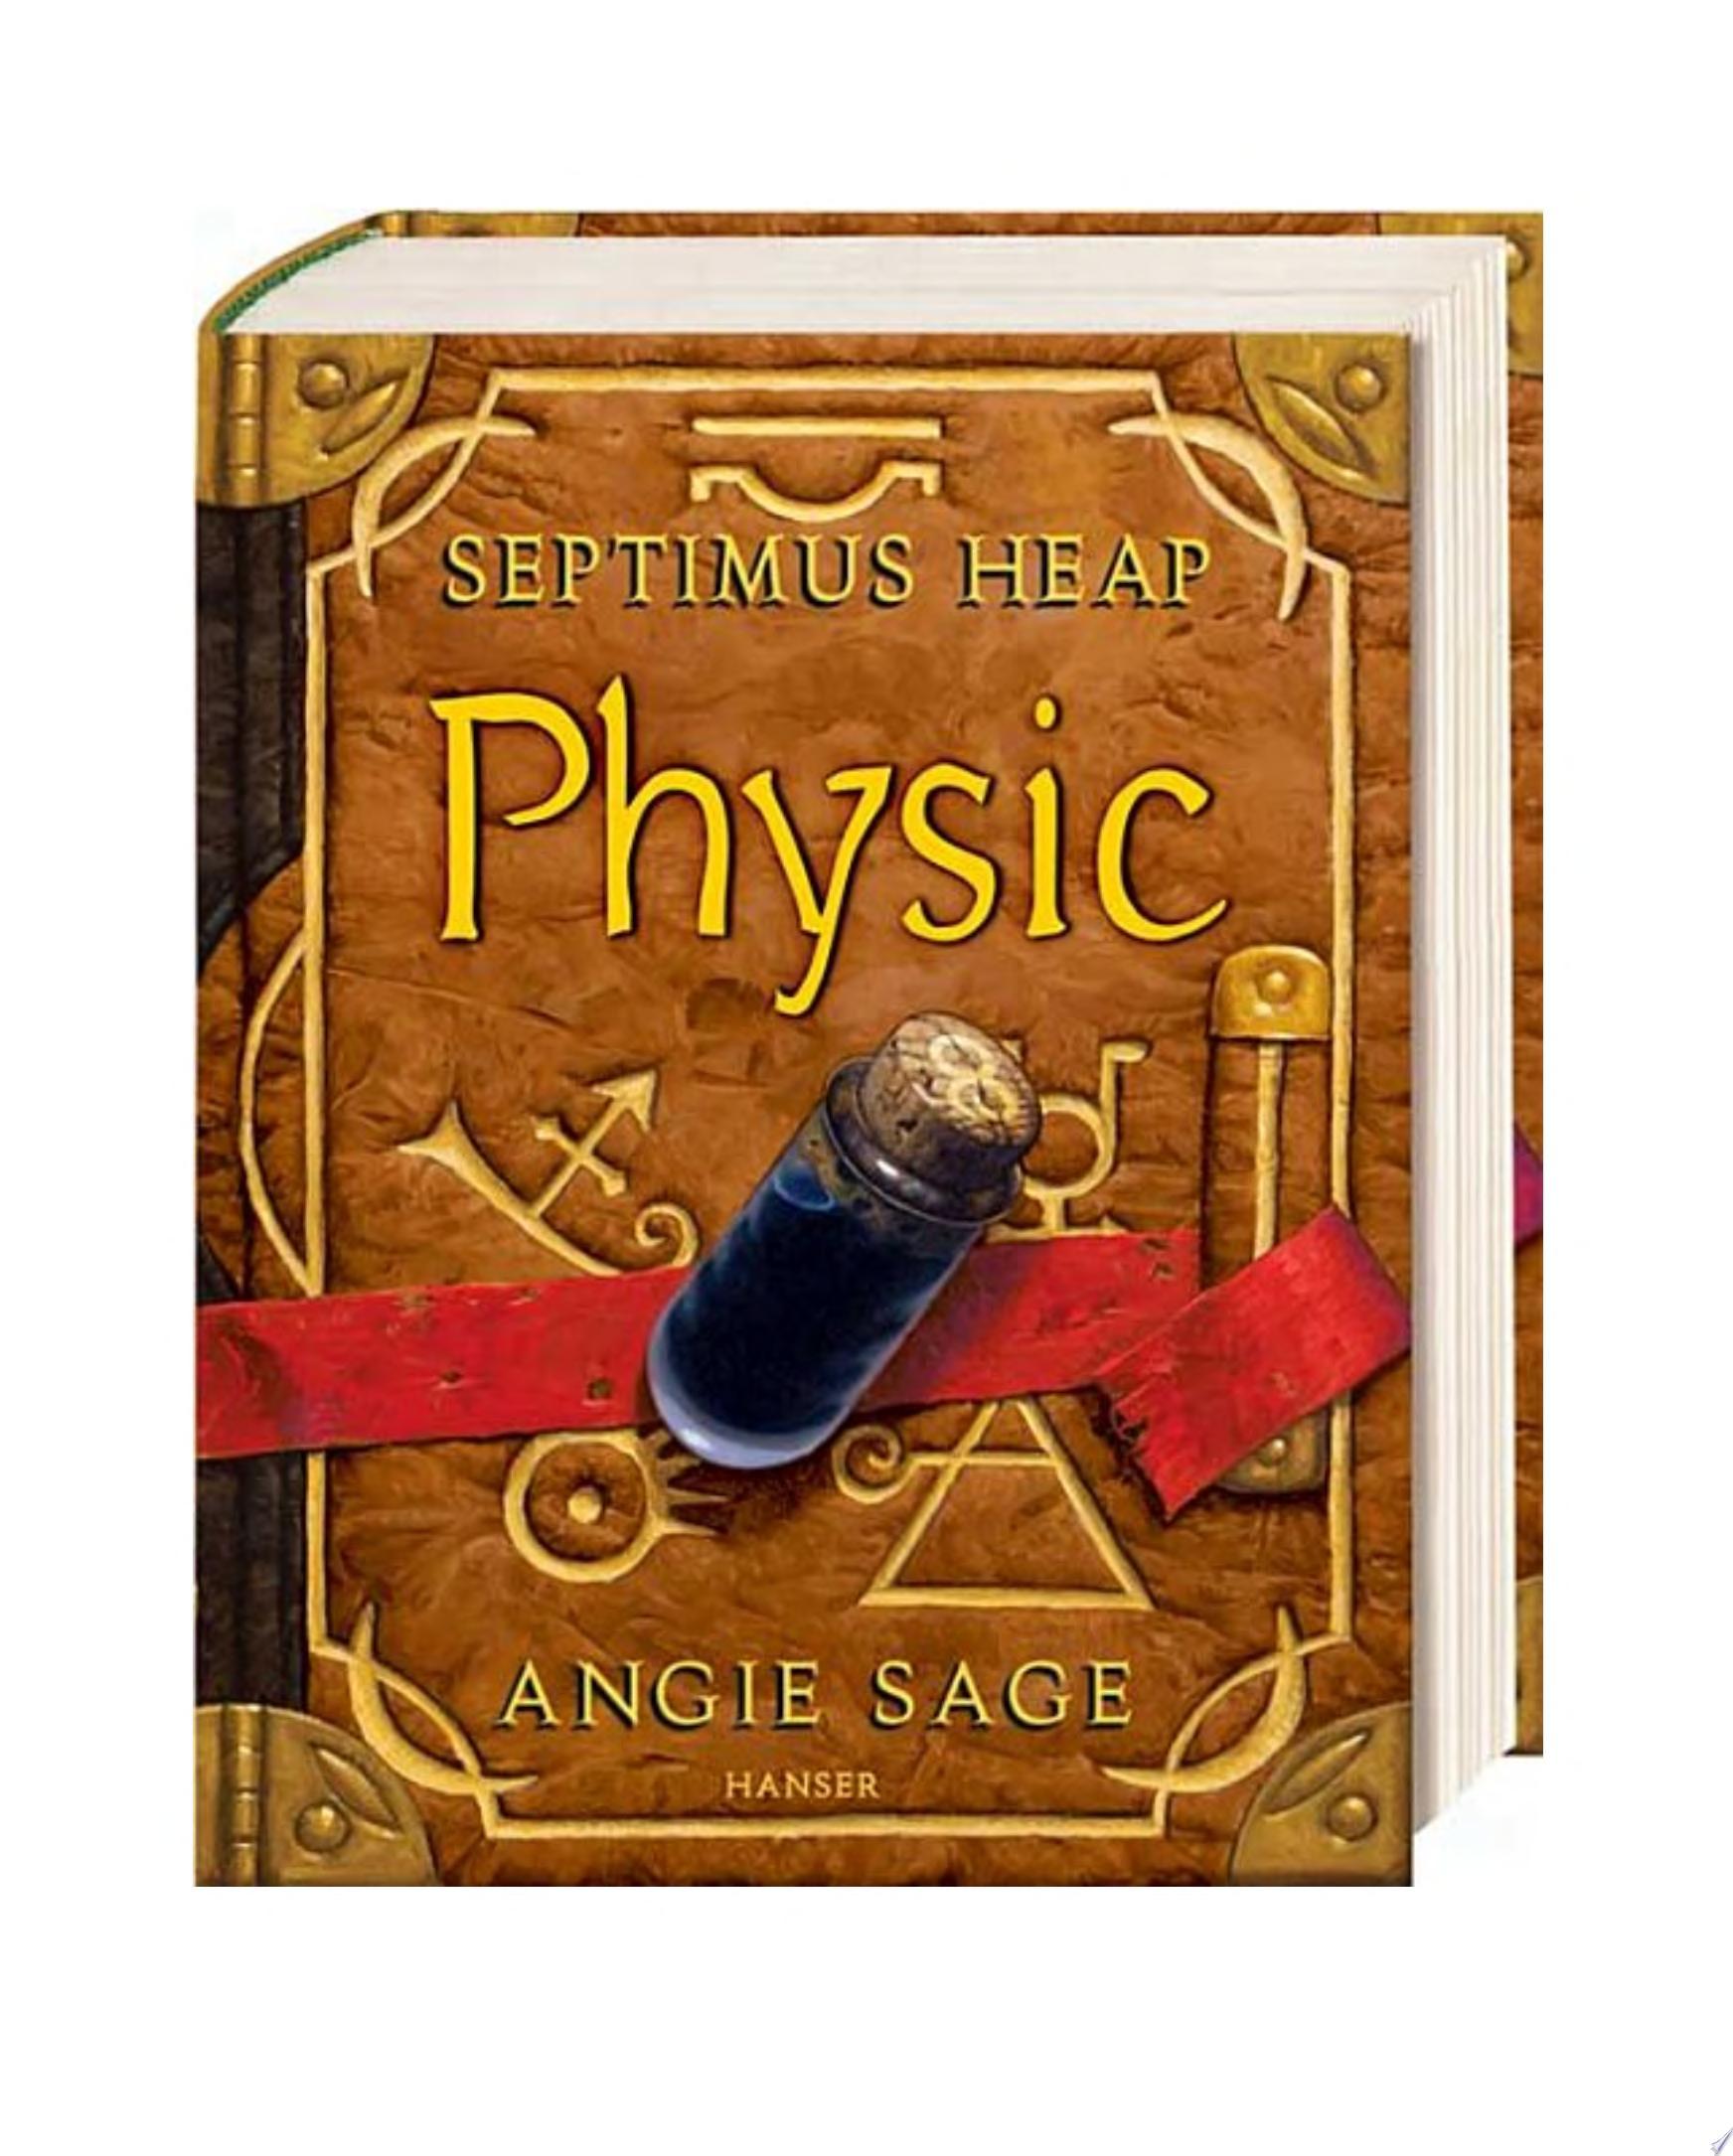 Septimus Heap   Physic